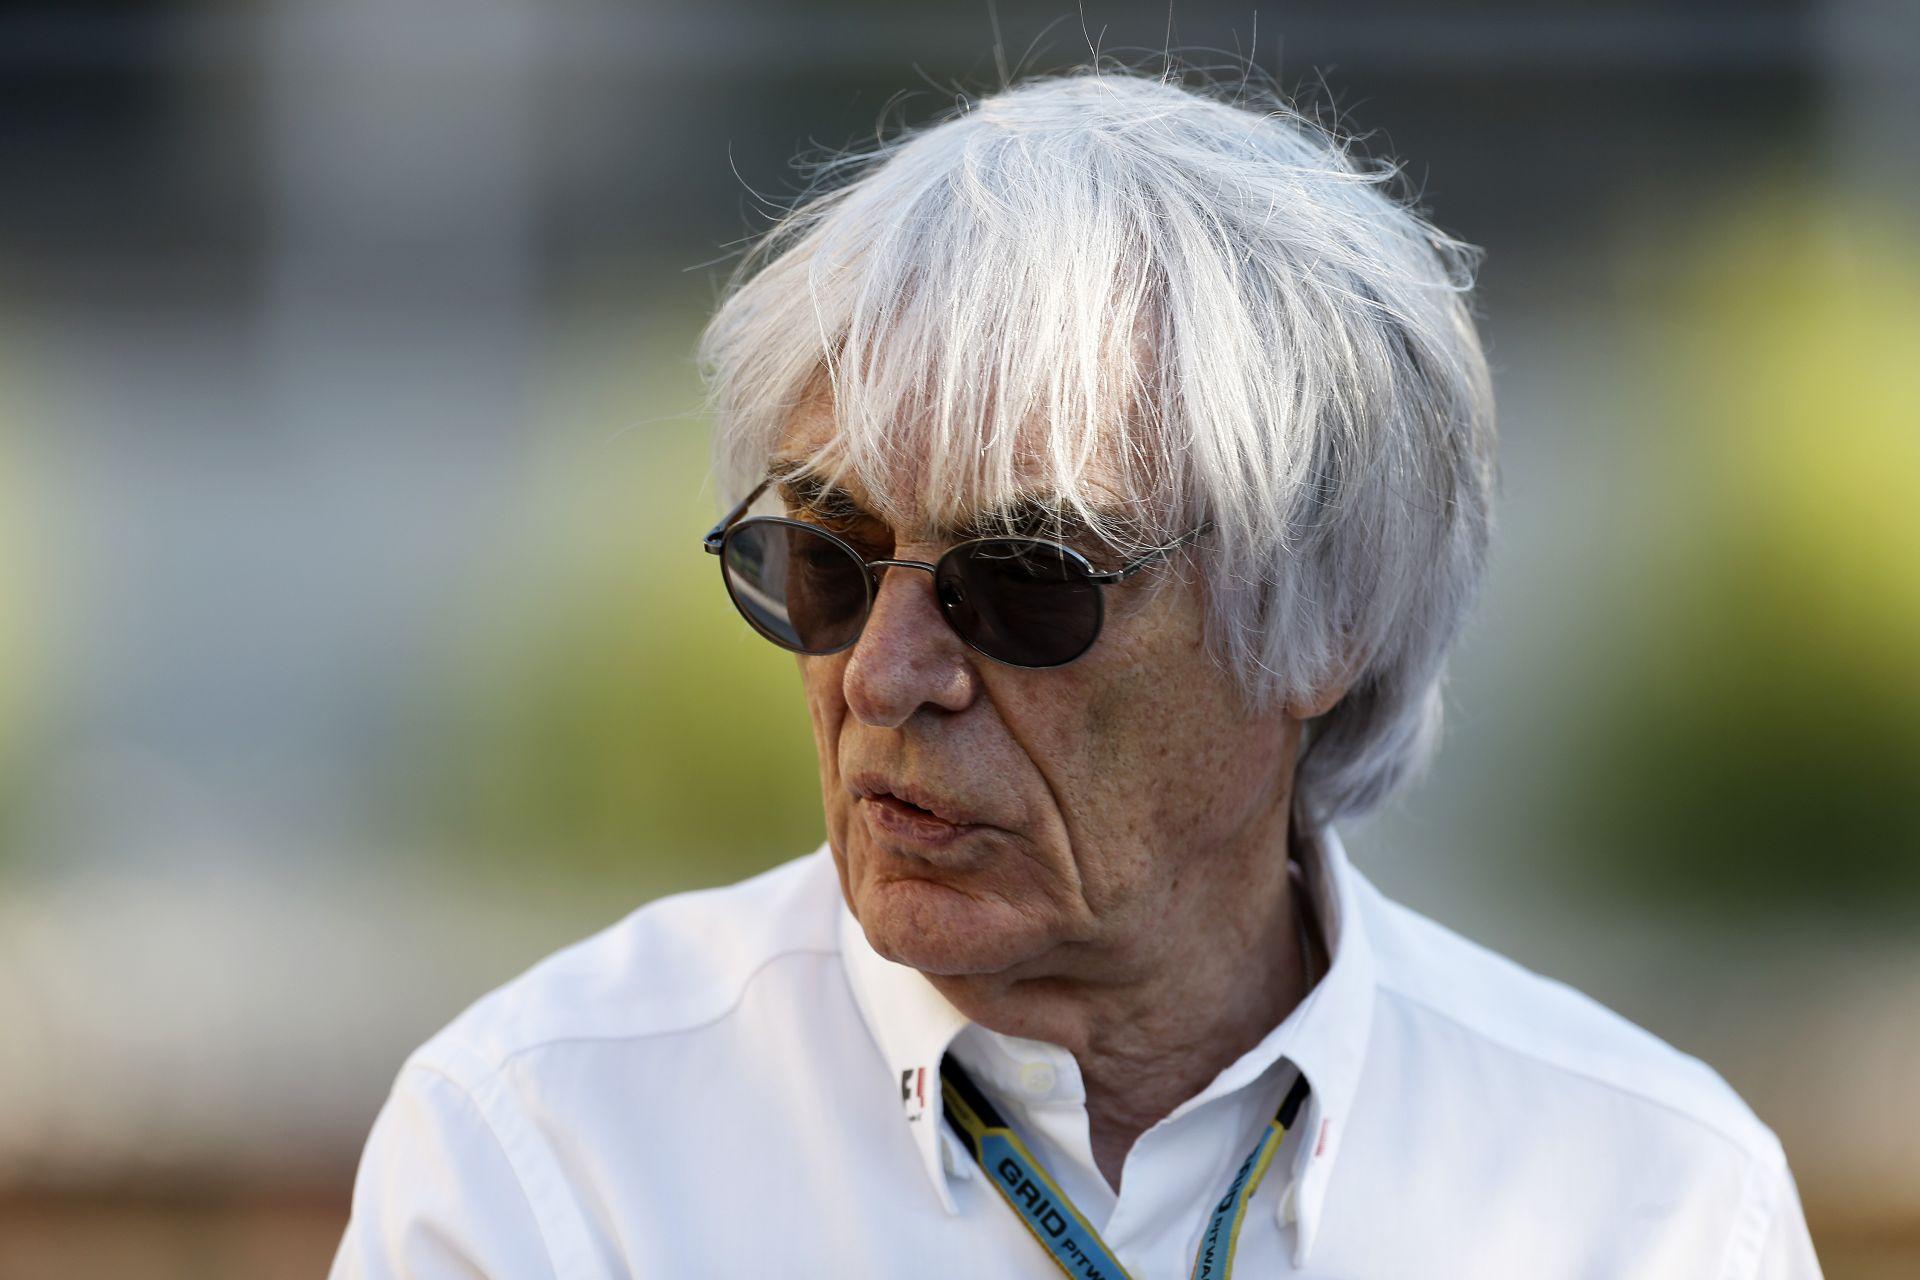 A lassan 85 éves Ecclestone őszintén az életéről, a Forma-1-ről, és a hajáról...